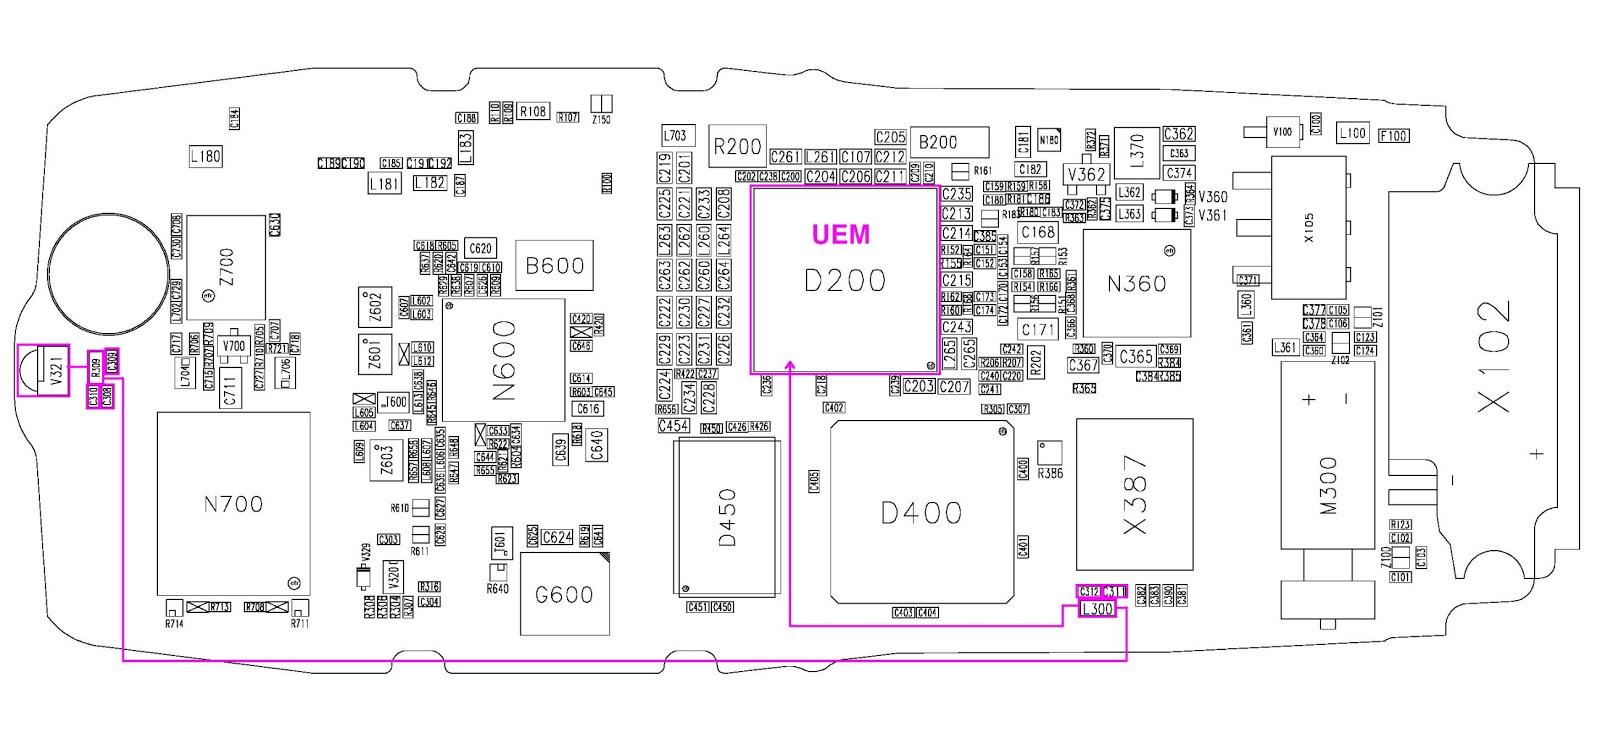 Circuit Diagram Nokia 1100 Schematic Diagrams Cis Wiring Custom U2022 3315